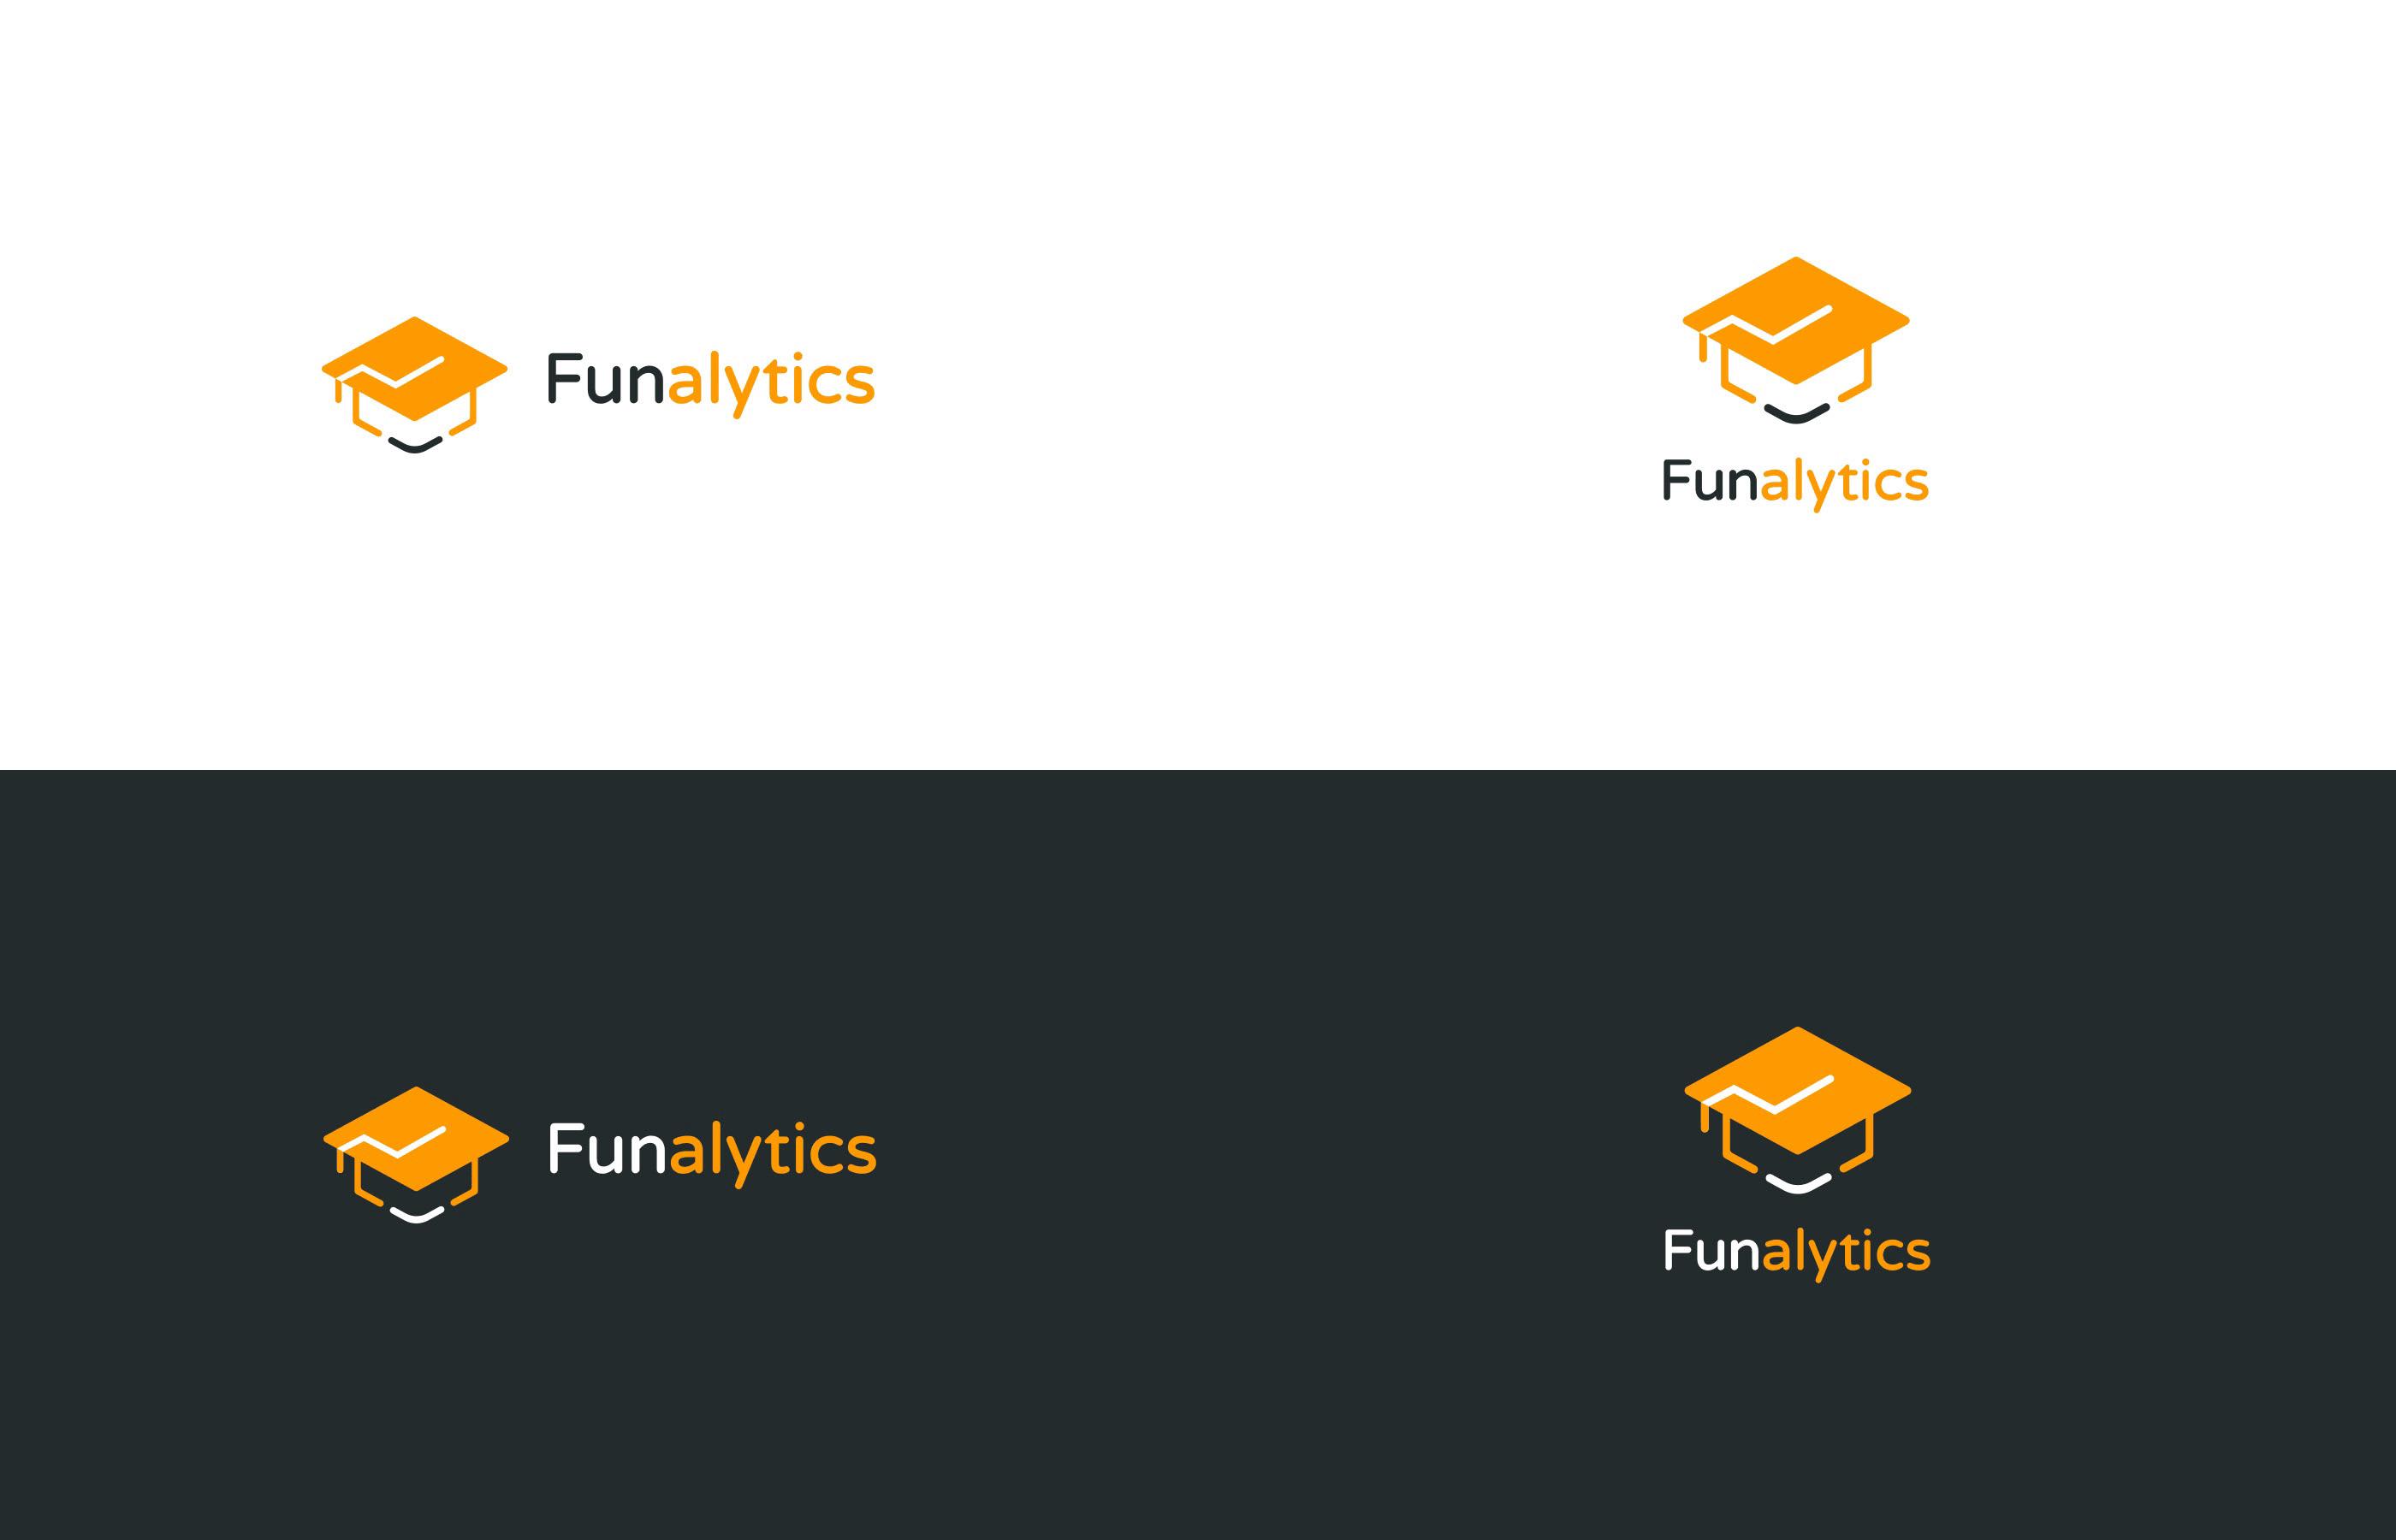 funalytics-logos